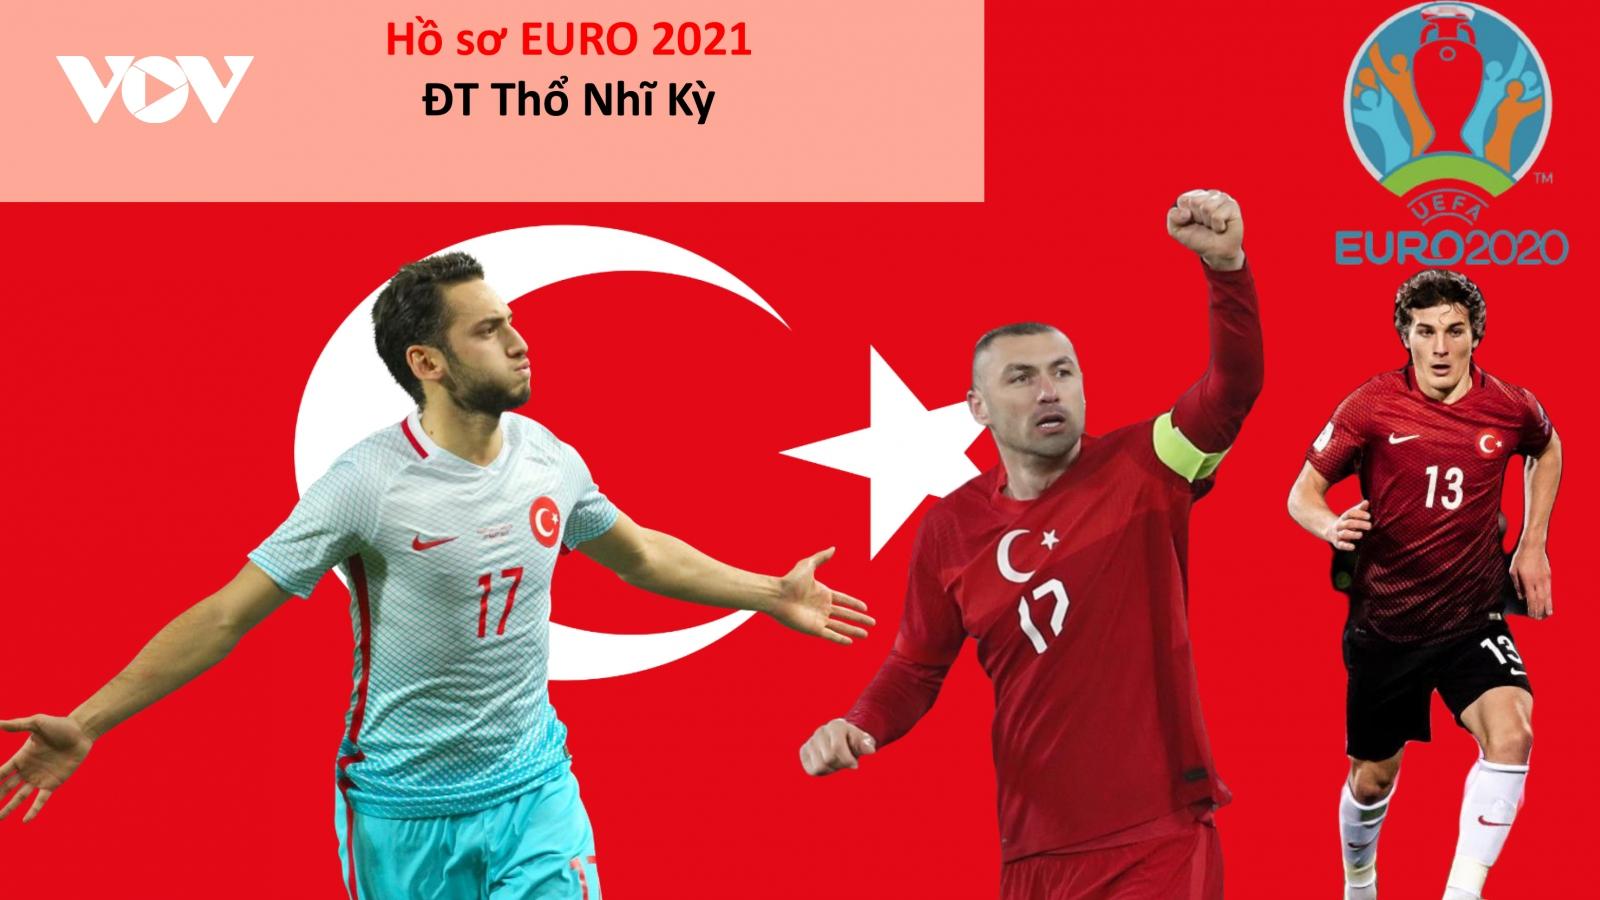 Hồ sơ các ĐT dự EURO 2021: Đội tuyển Thổ Nhĩ Kỳ